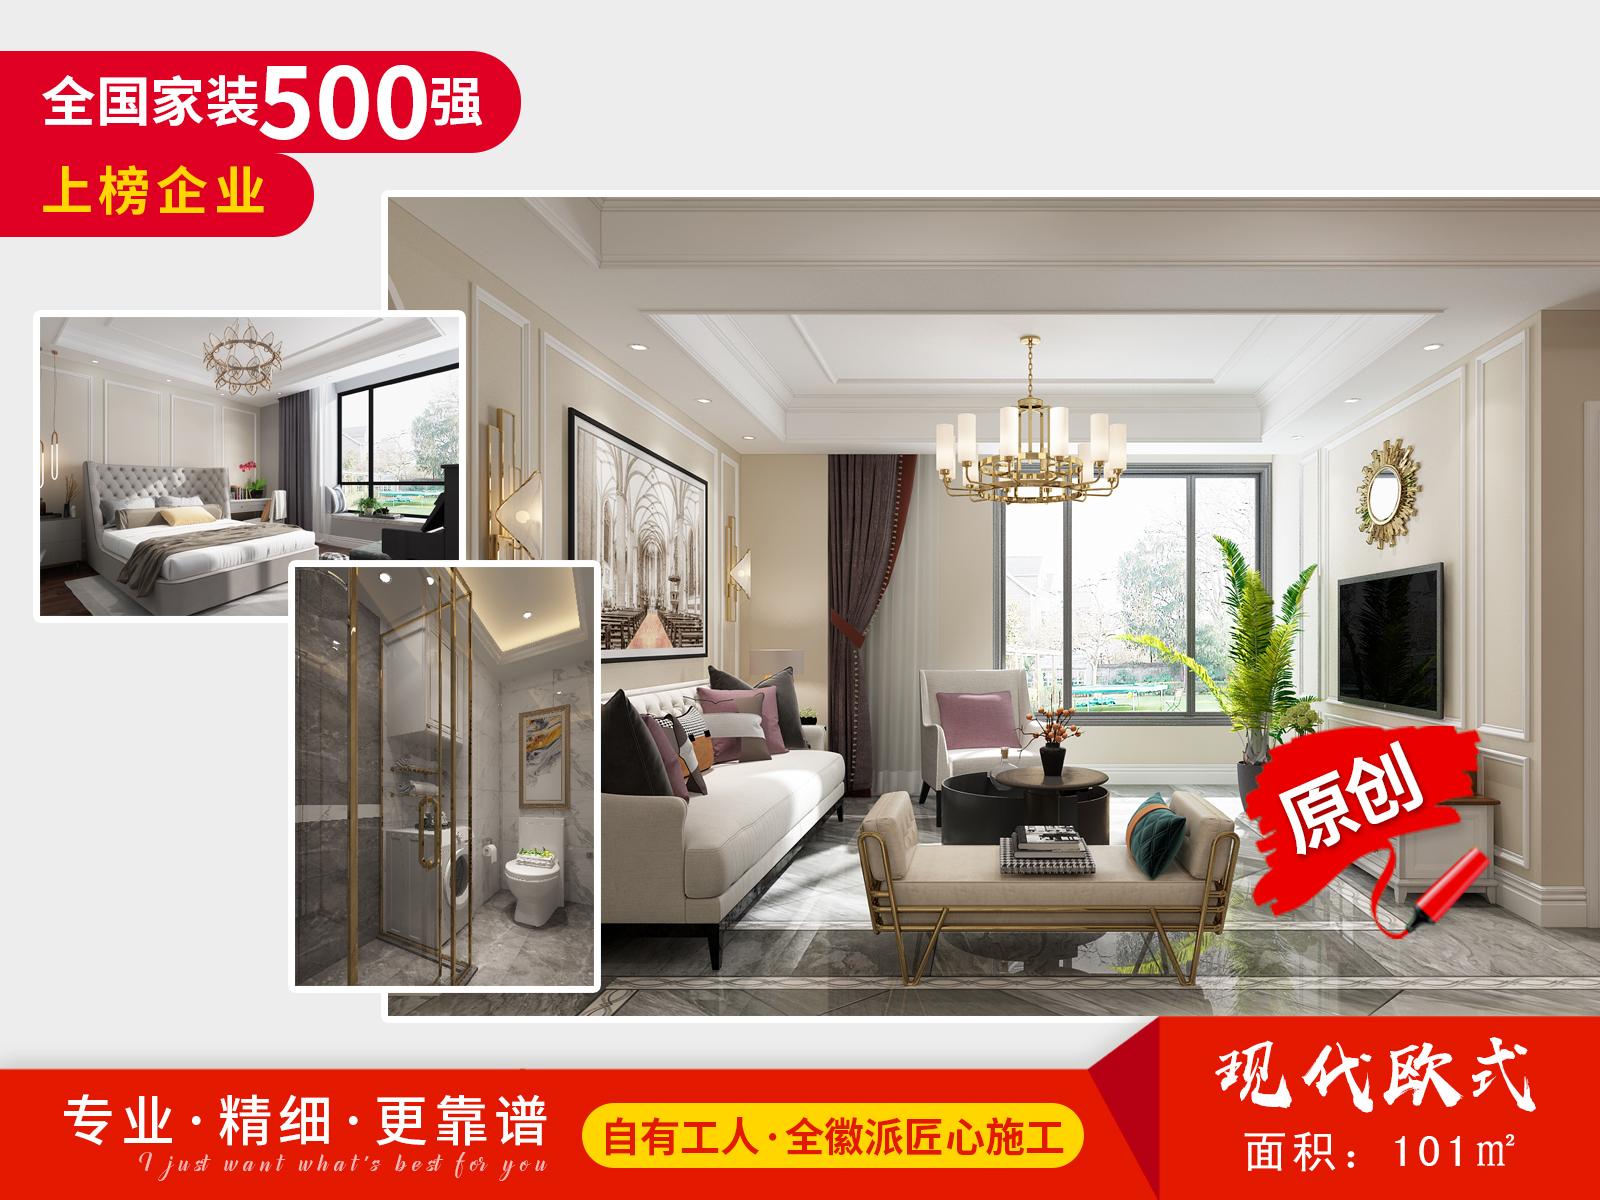 天津和平区大沽北路与承德道交口新华国金中心